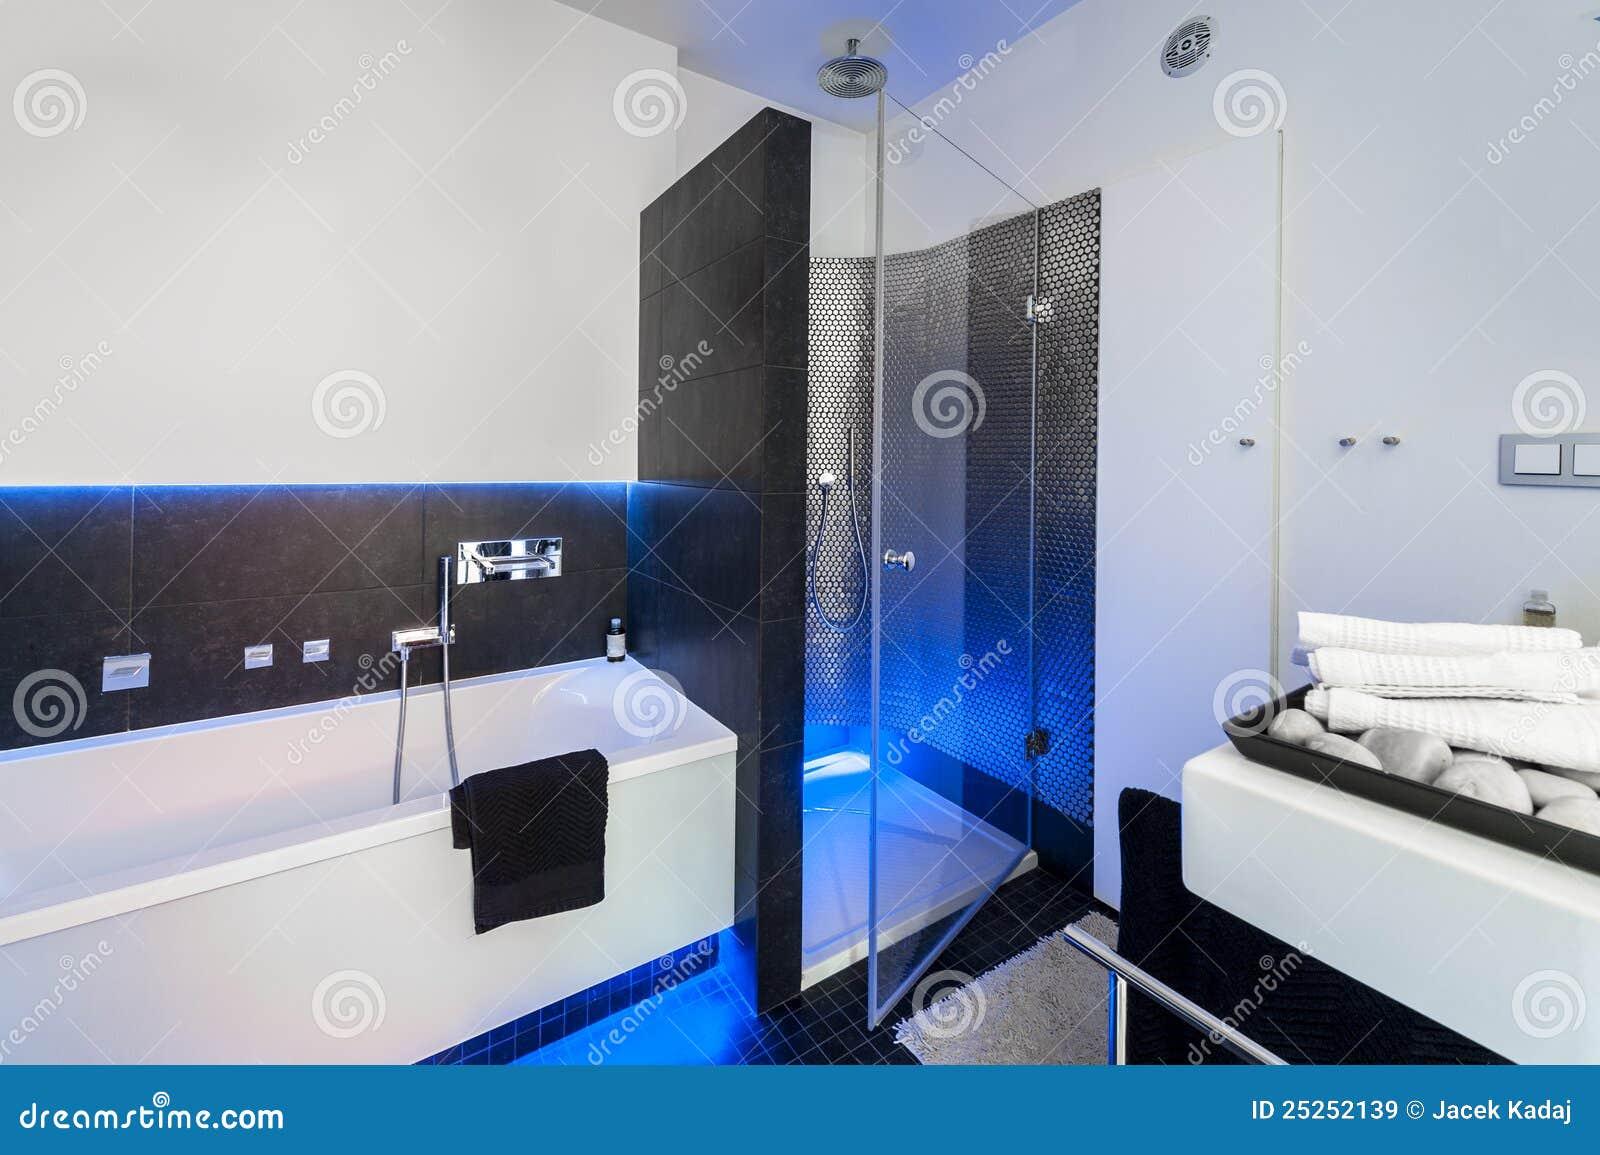 Banheiro Moderno Com Chuveiro Imagens de Stock Royalty Free  Imagem 25252139 -> Banheiros Modernos Chuveiro